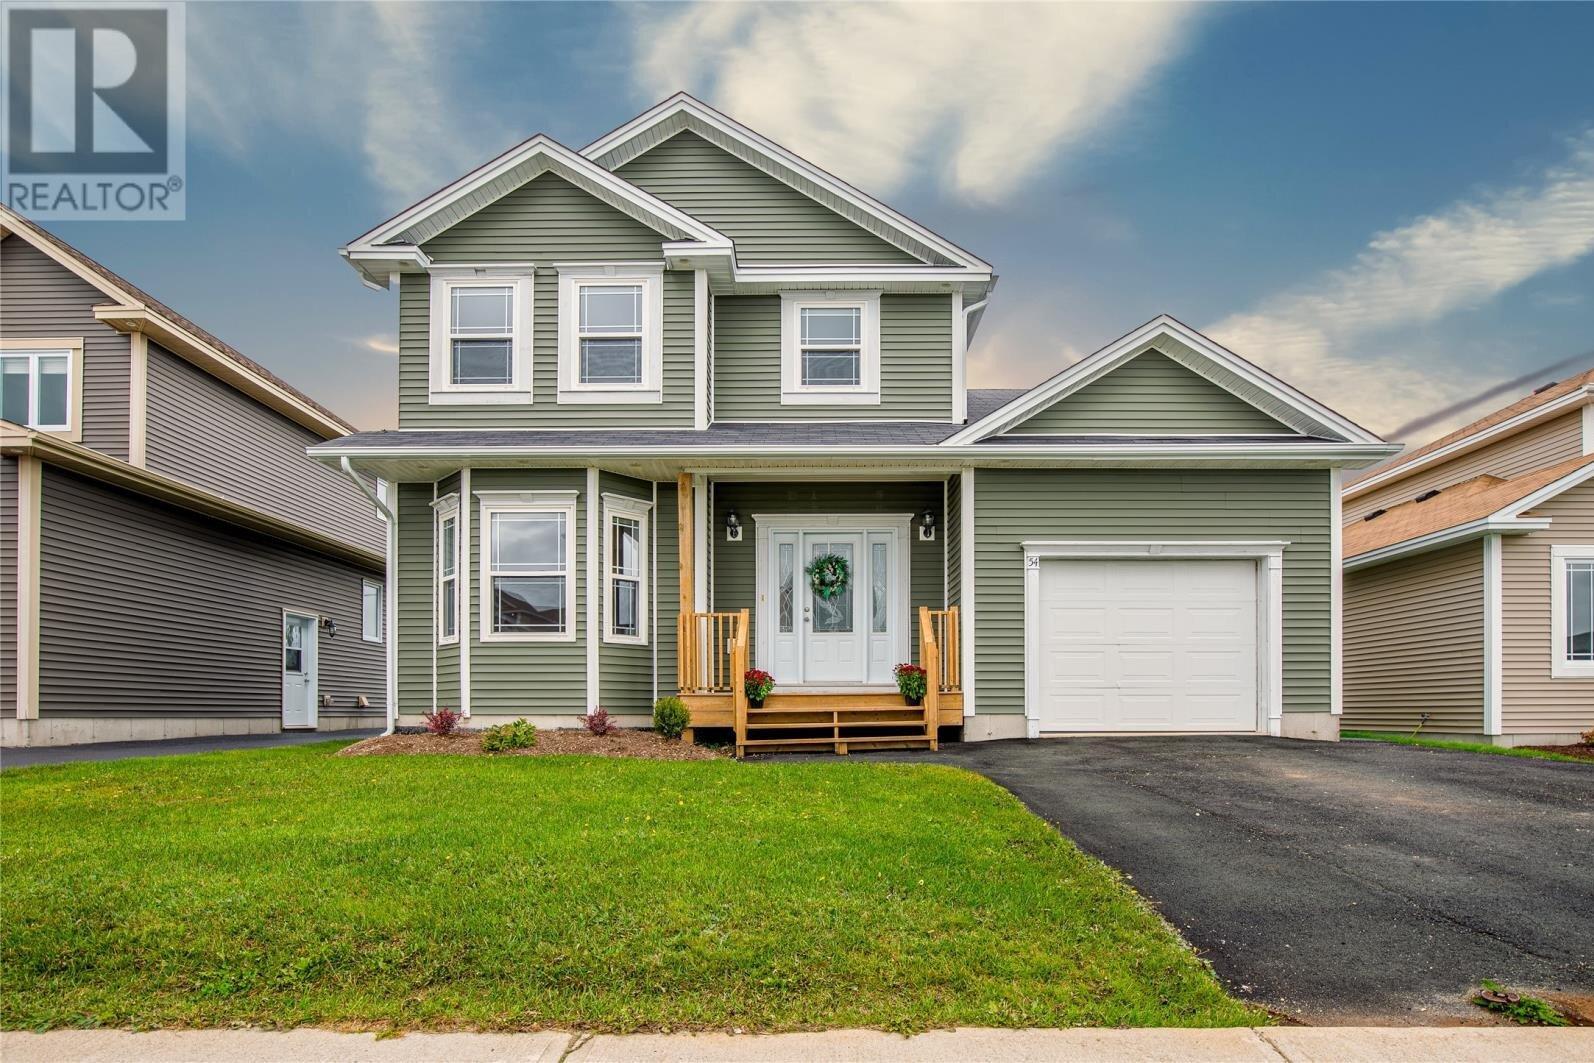 House for sale at 54 Teakwood Dr St. John's Newfoundland - MLS: 1221495